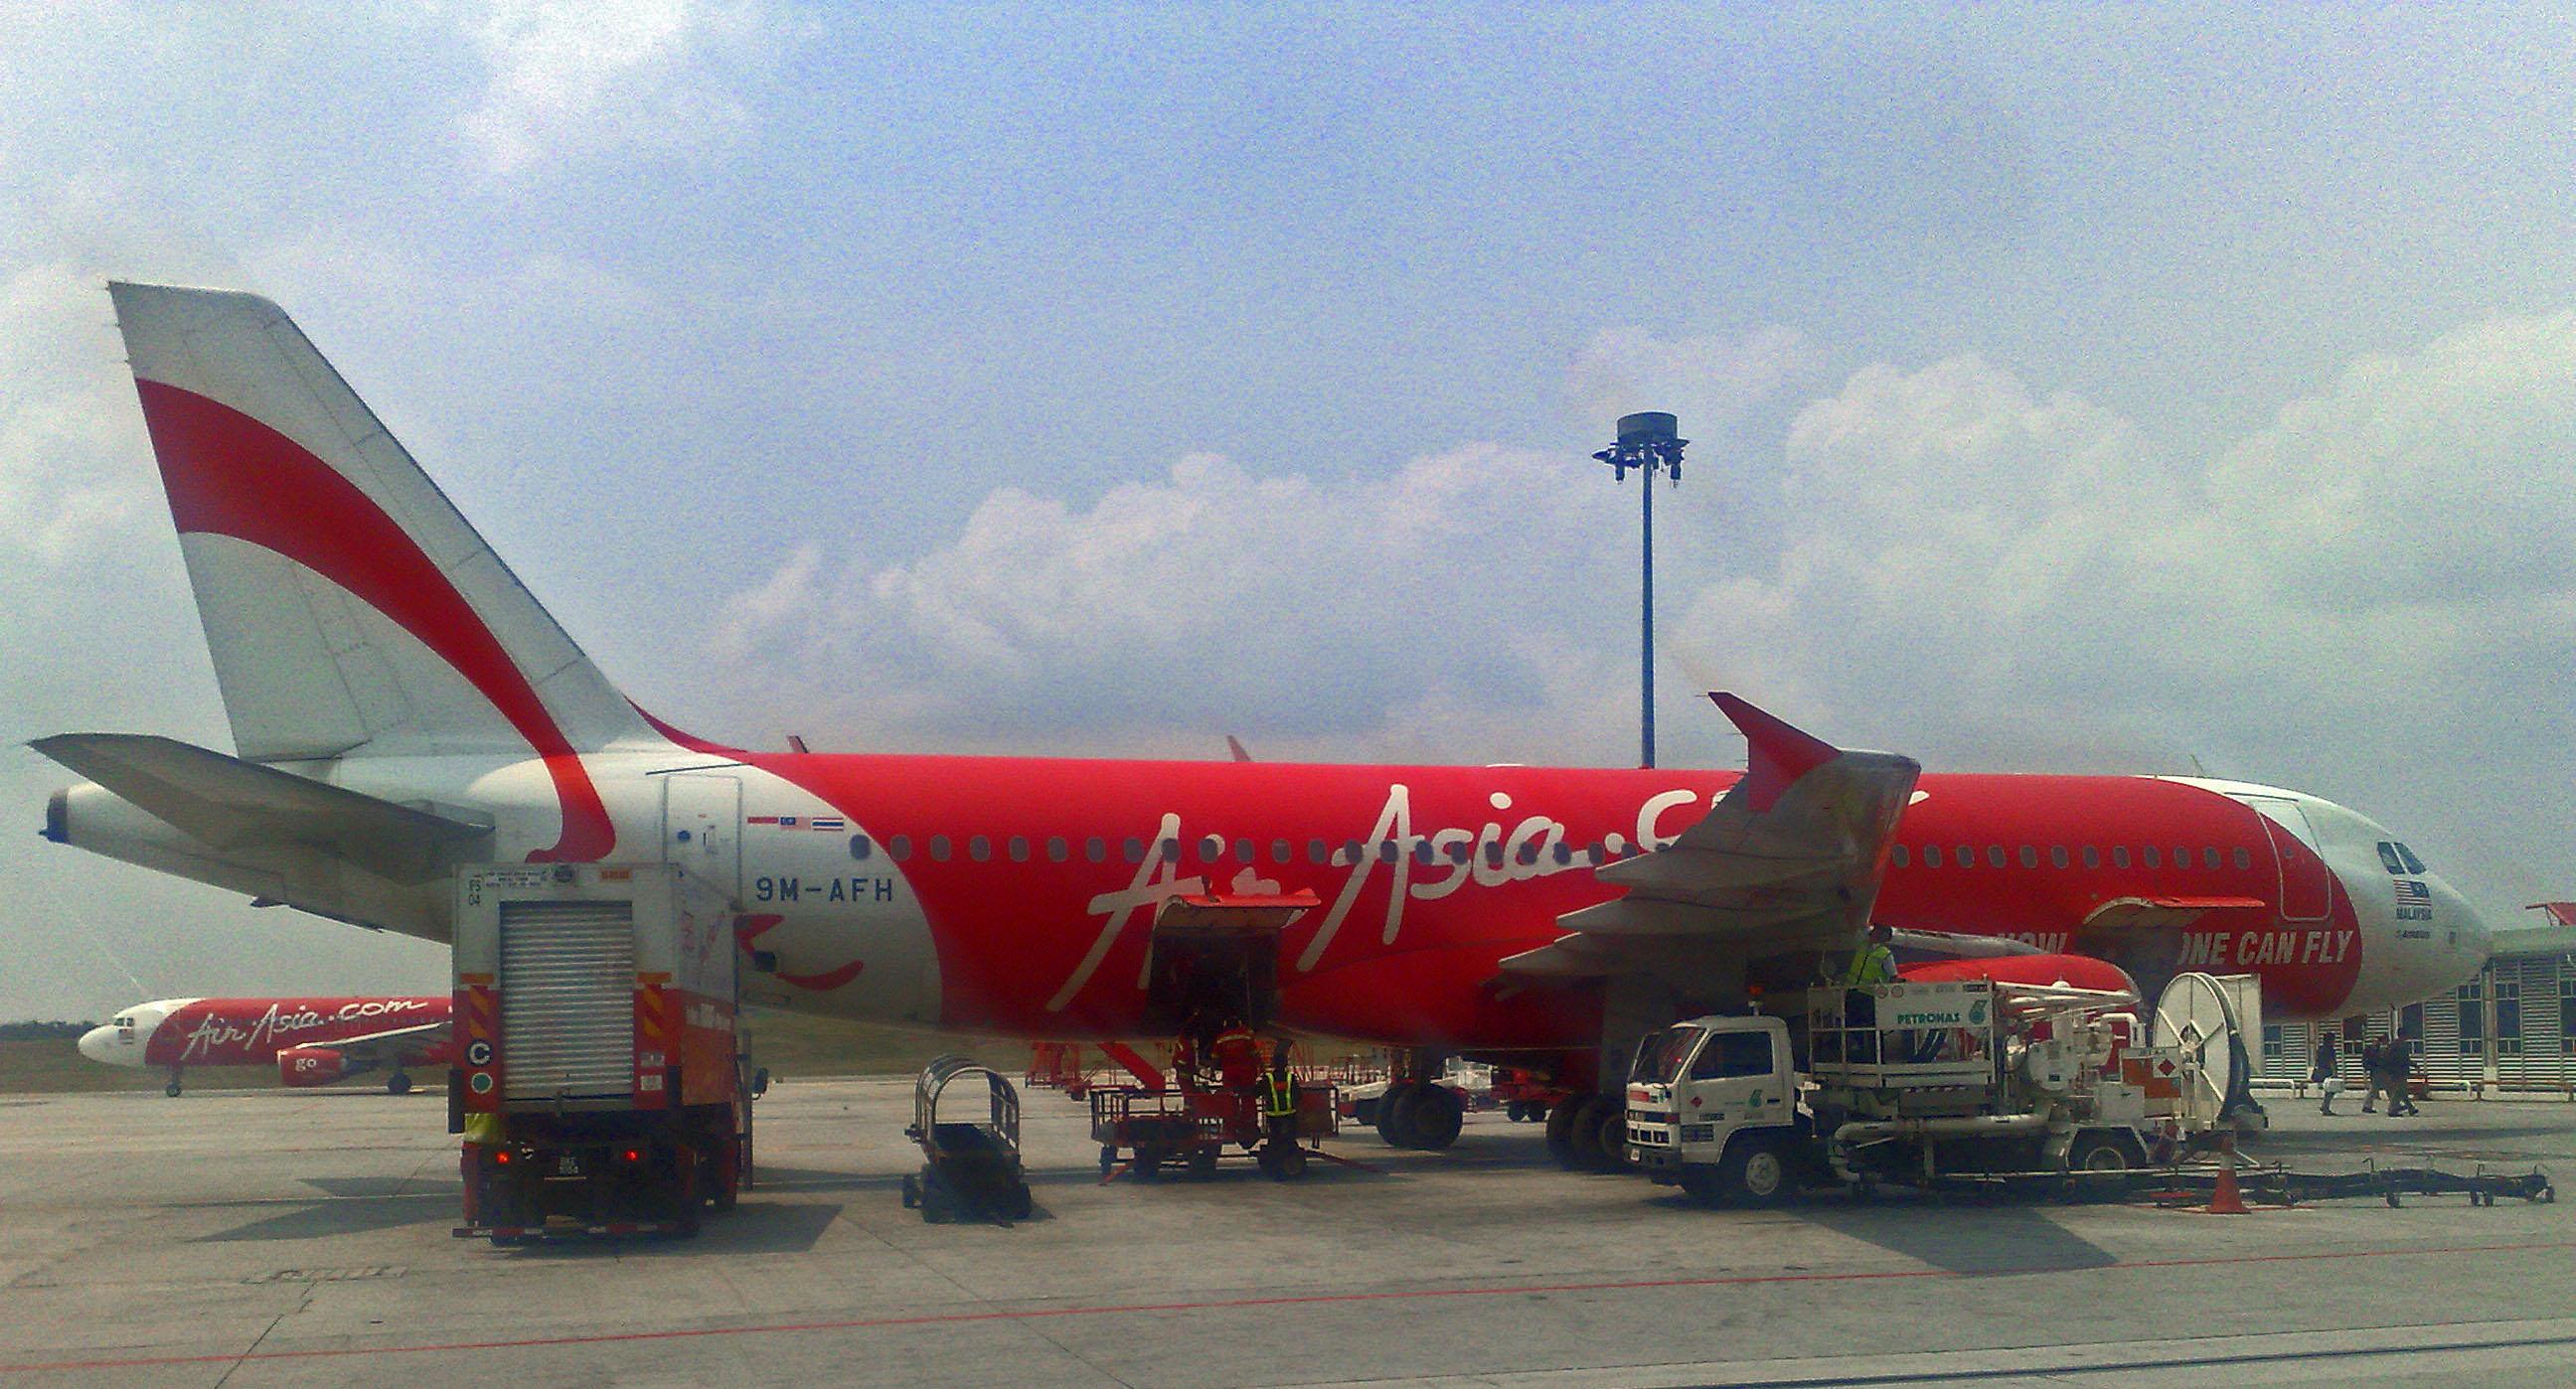 plane from Bangkok